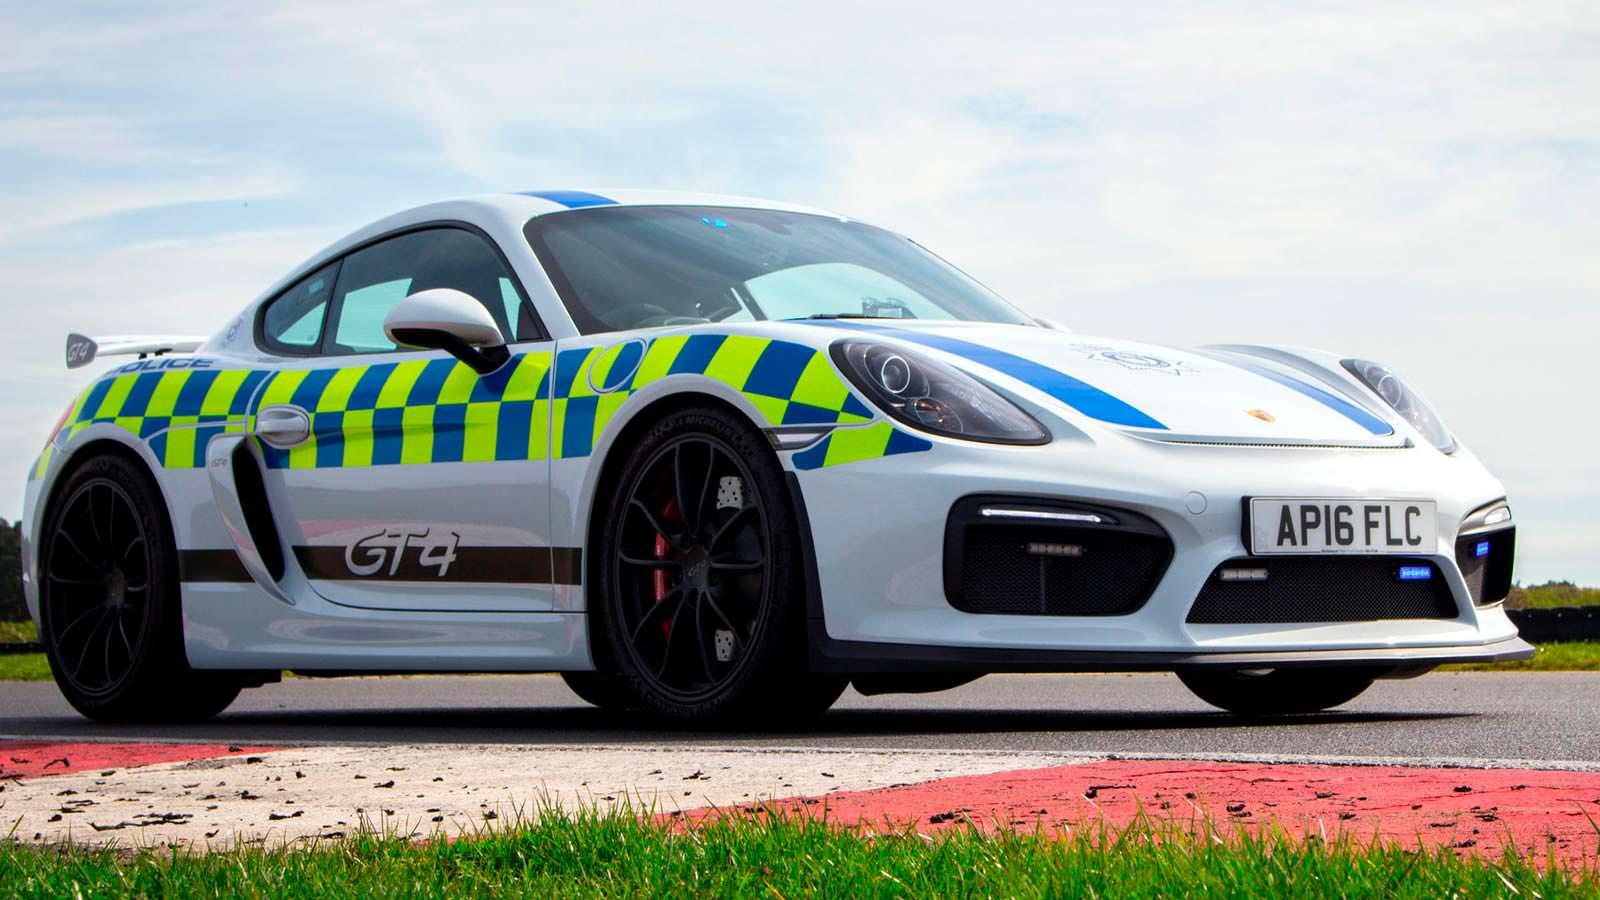 Фото | Полицейский Porsche Cayman GT4 в Британии